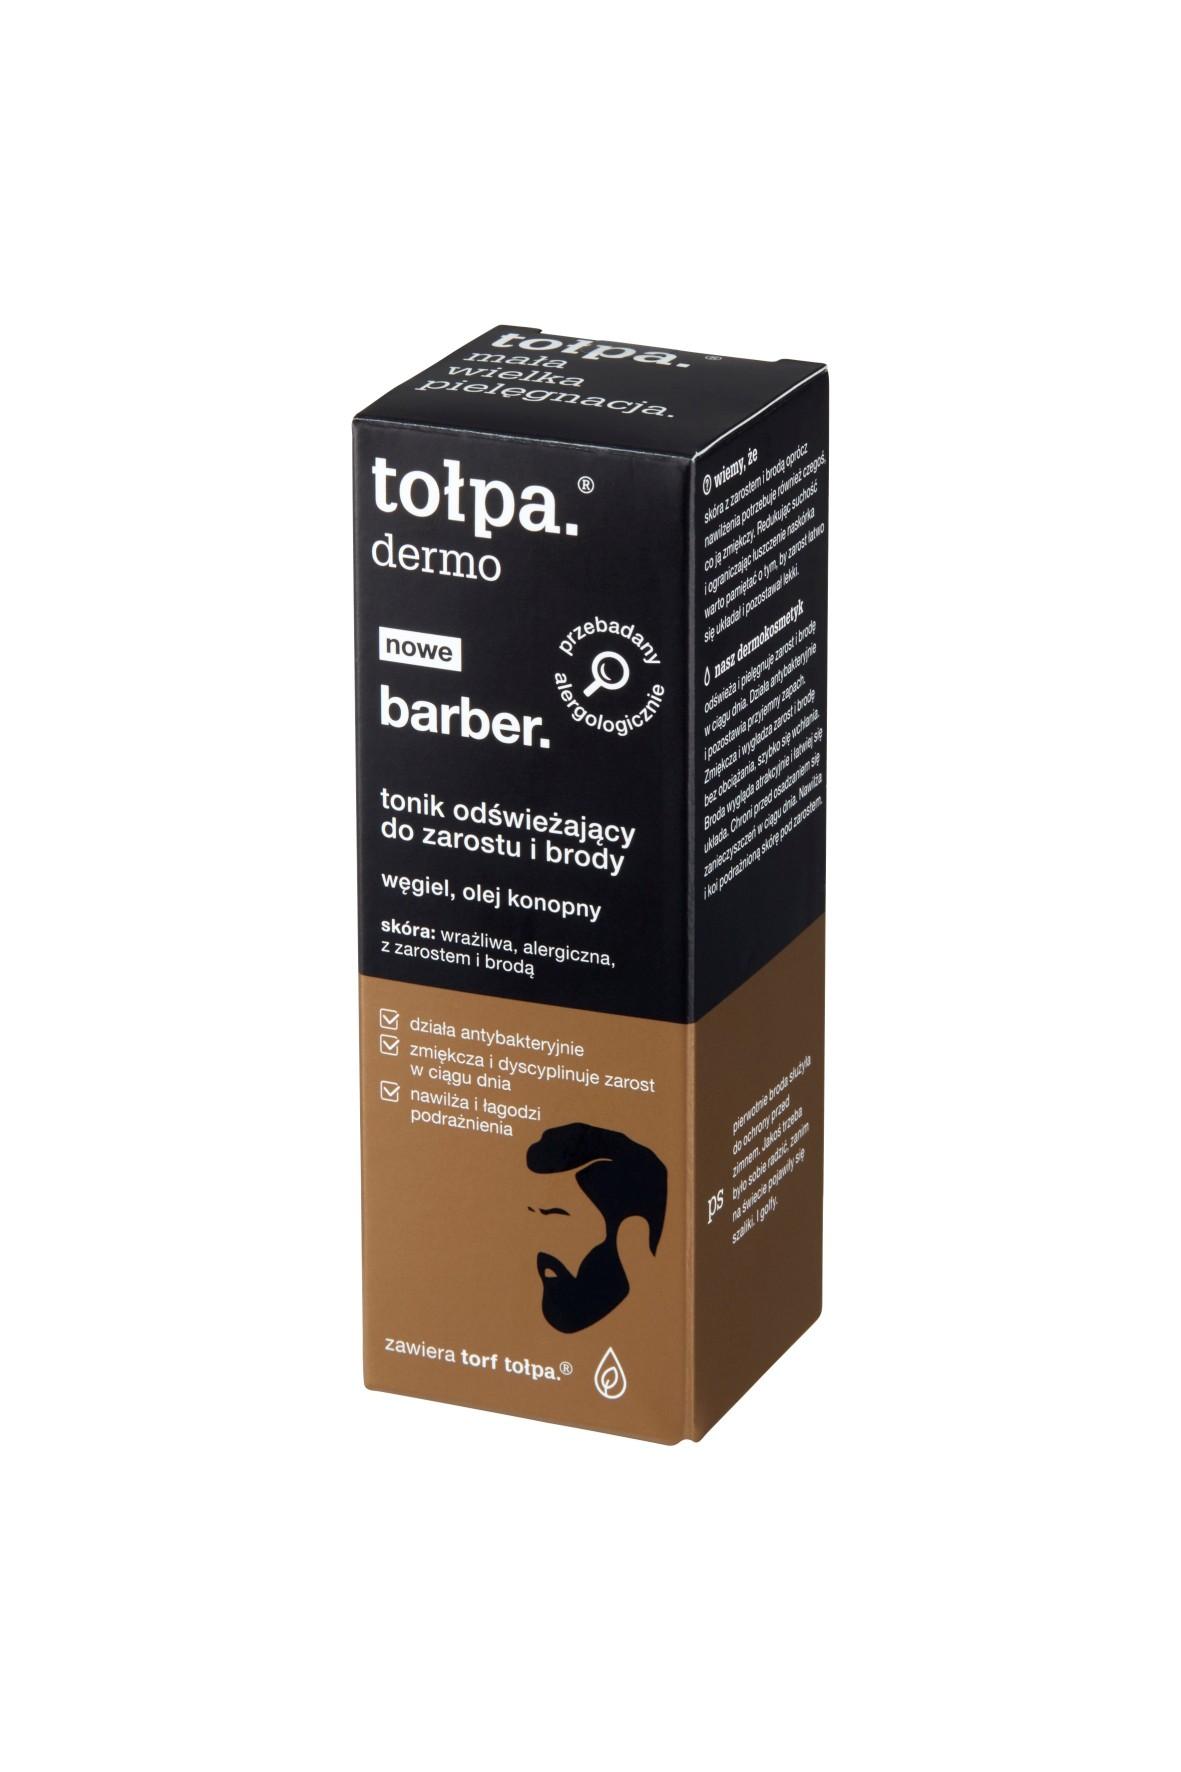 Tołpa dermo barber Tonik odświeżający do zarostu i brody 75 ml